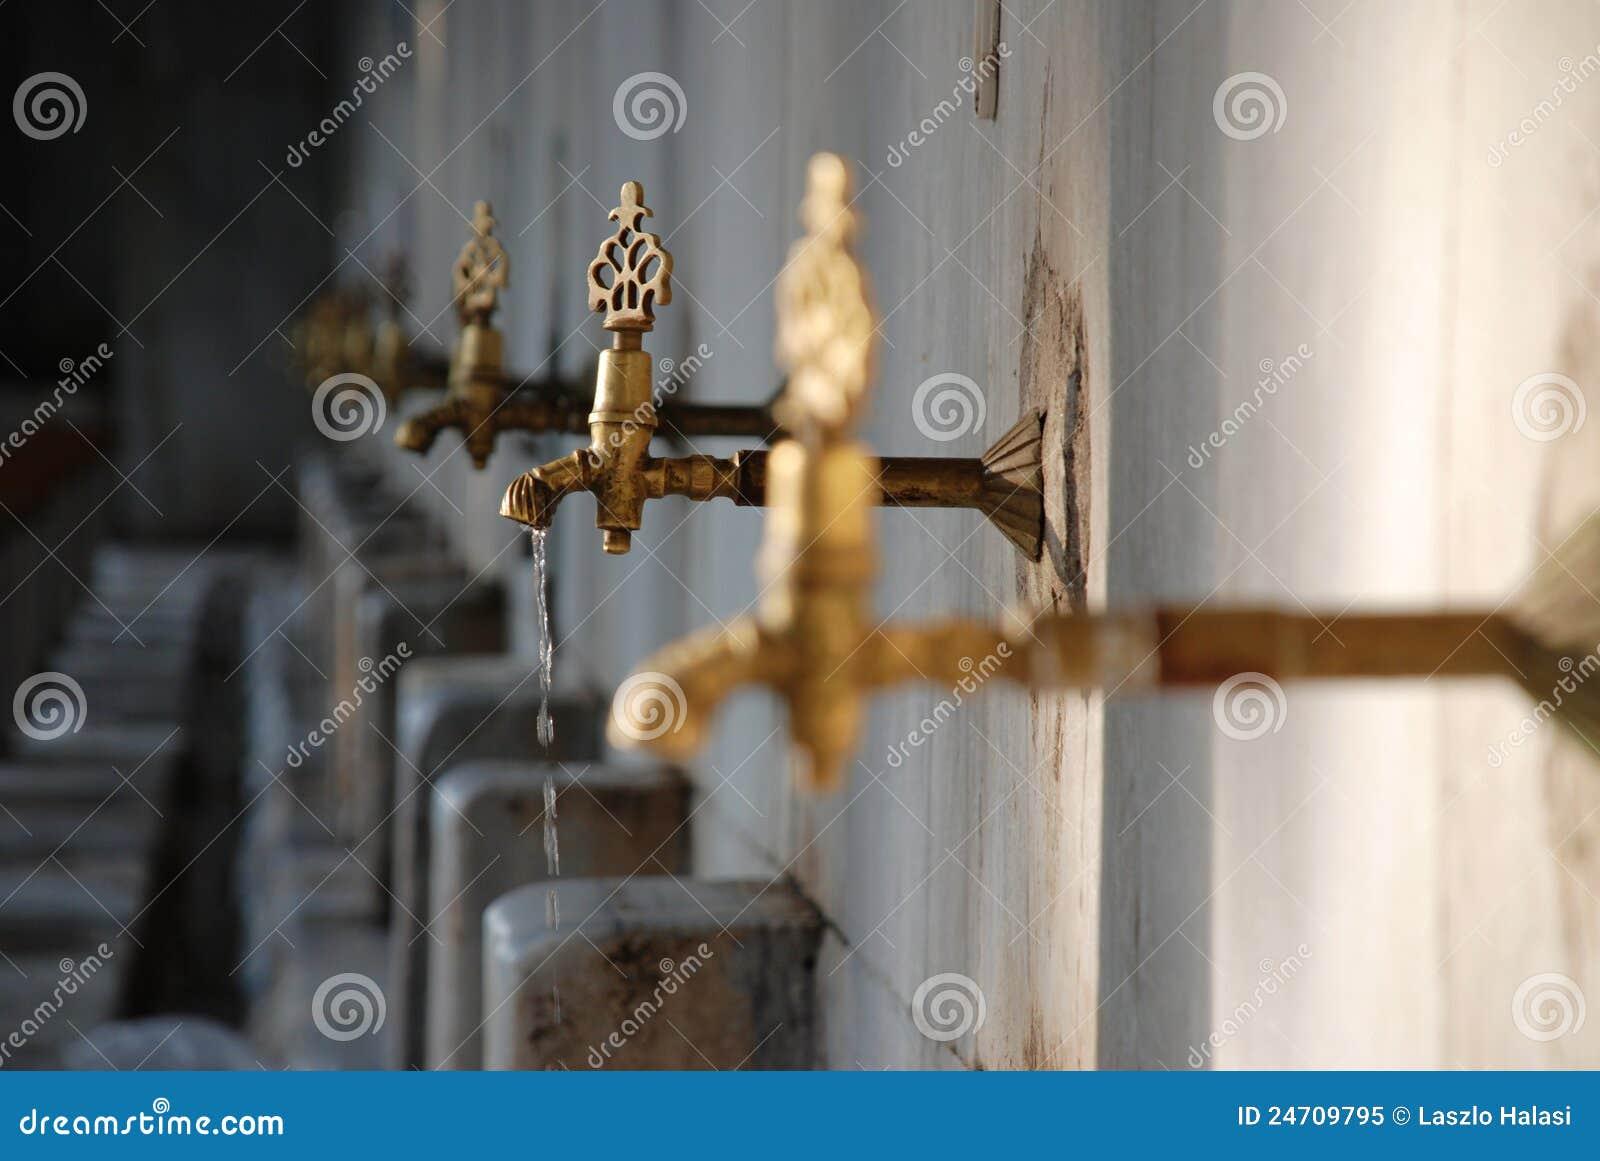 Vieille égoutture rouillée de prise d eau